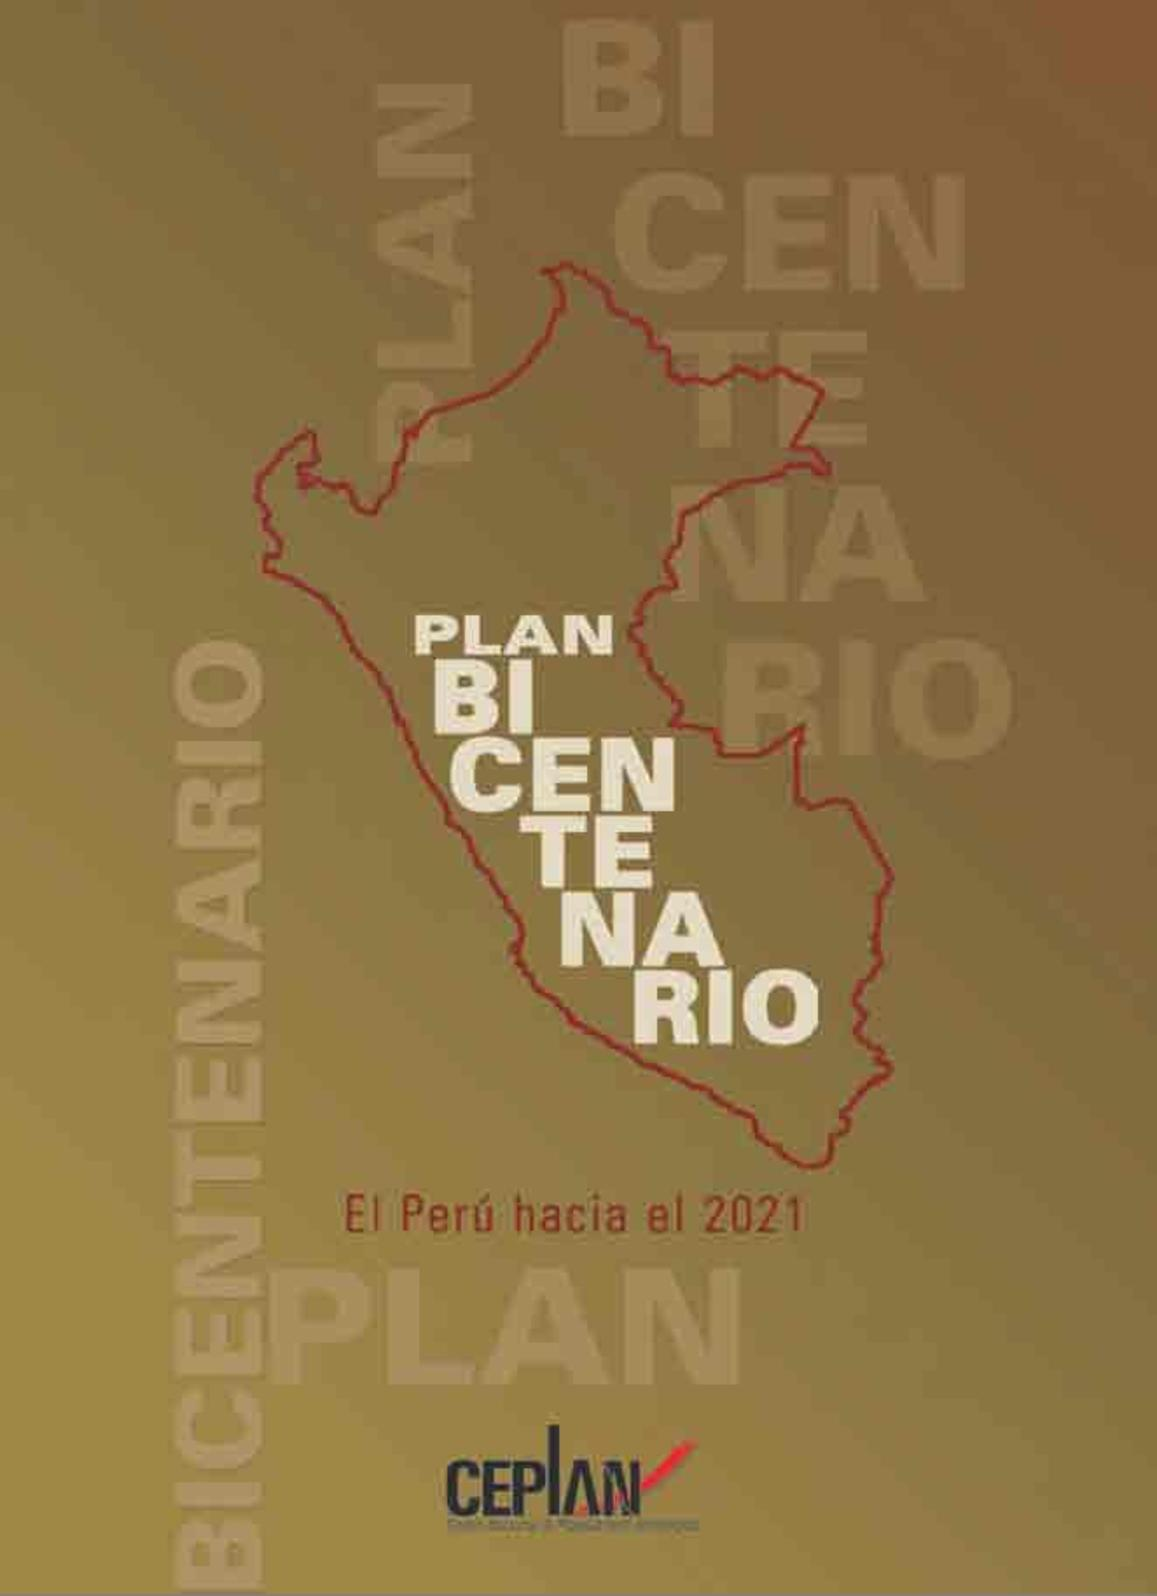 Calaméo - PLAN BICENTENARIO -PERU HACIA EL 2021 - CEPLAN